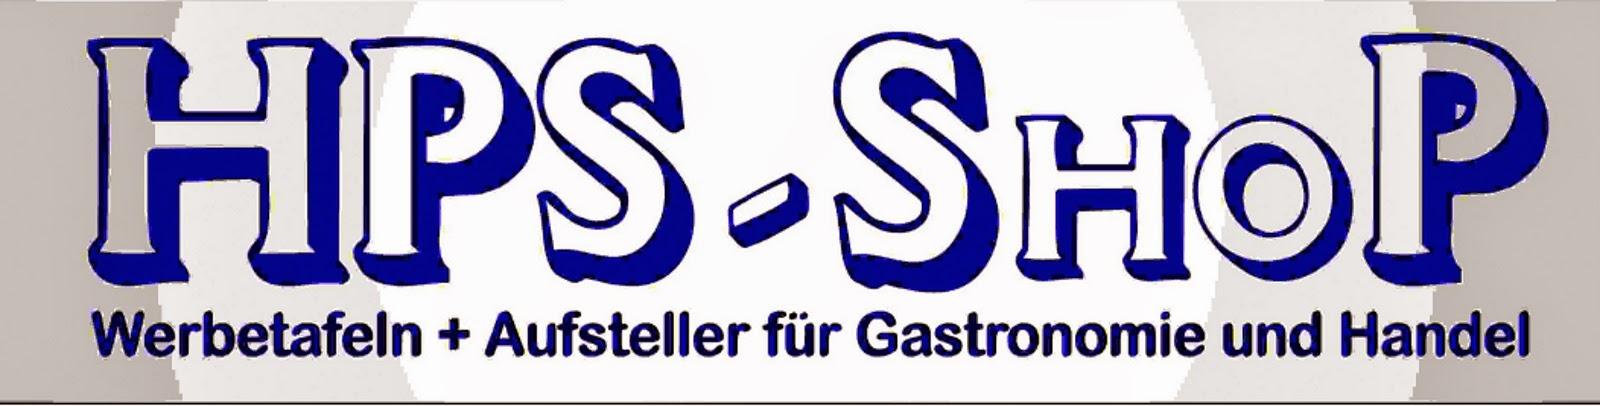 hps-shop.de-Logo